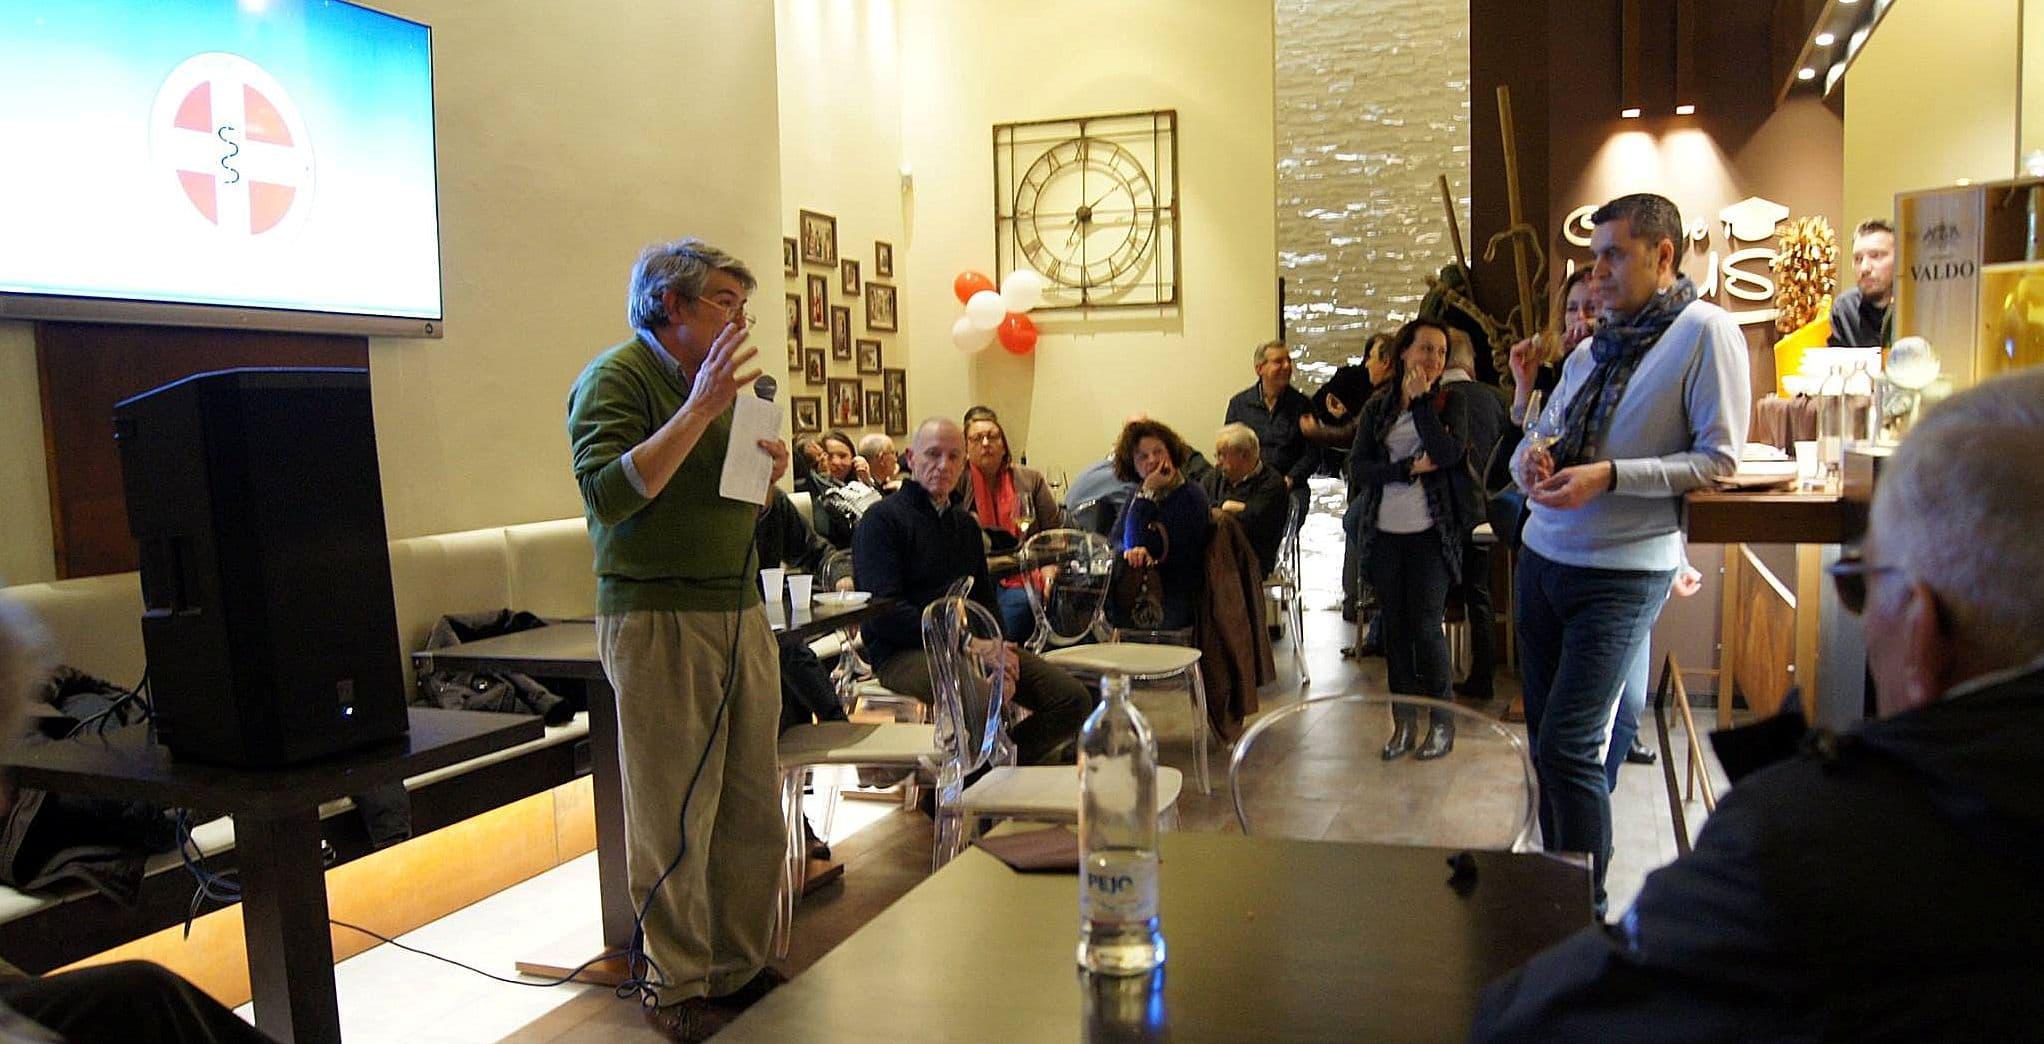 Celebrati a Firenze i 50 anni di AIISF